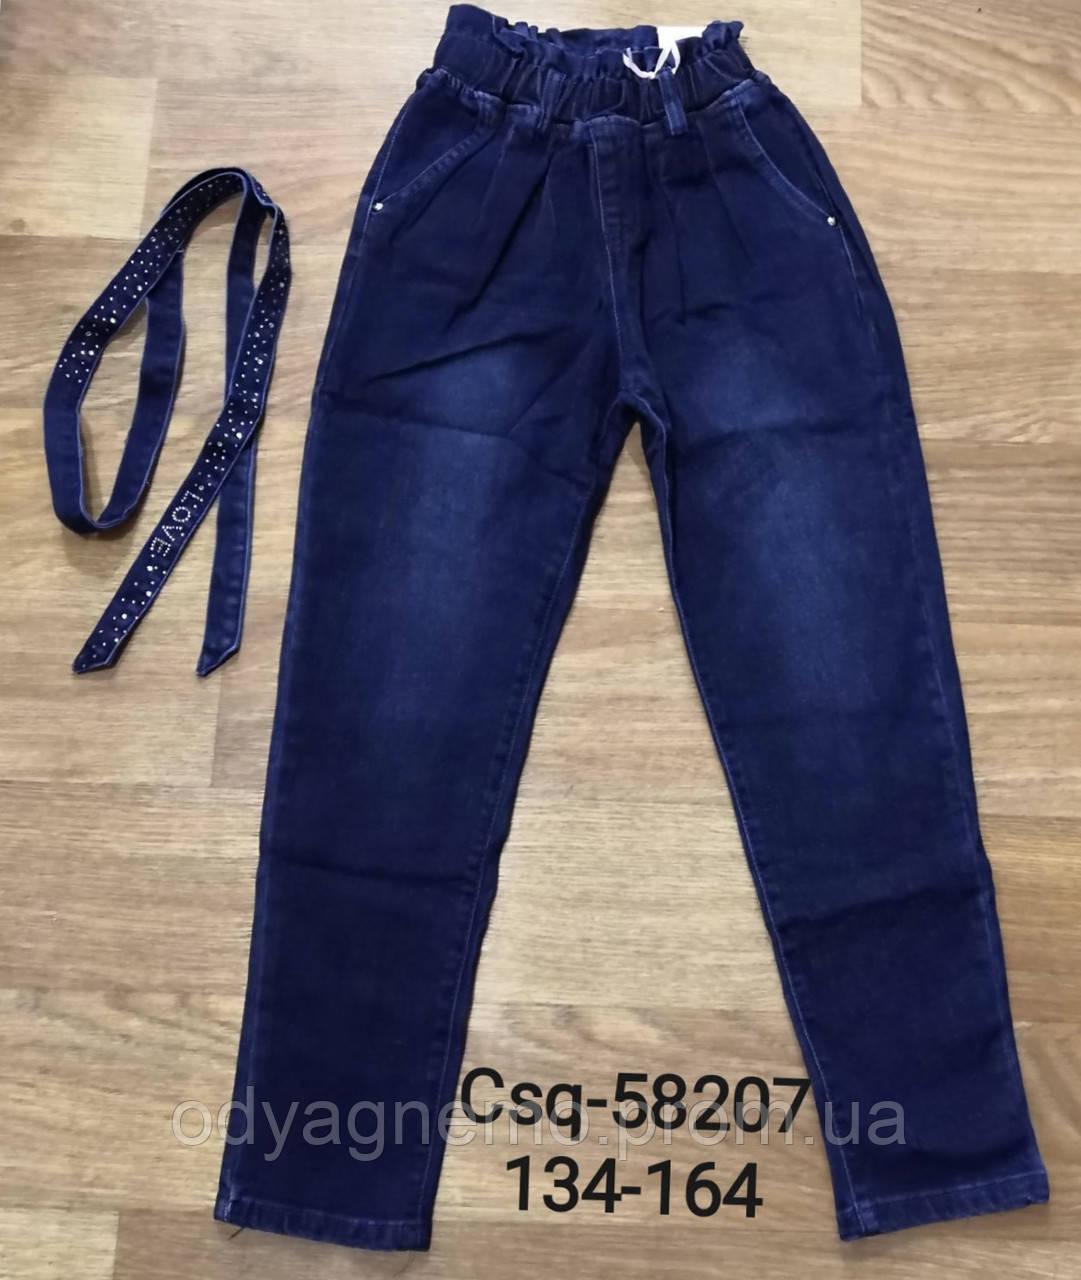 Джинсові брюки для дівчаток Seagull , 134-164 рр. Артикул: CSQ58207